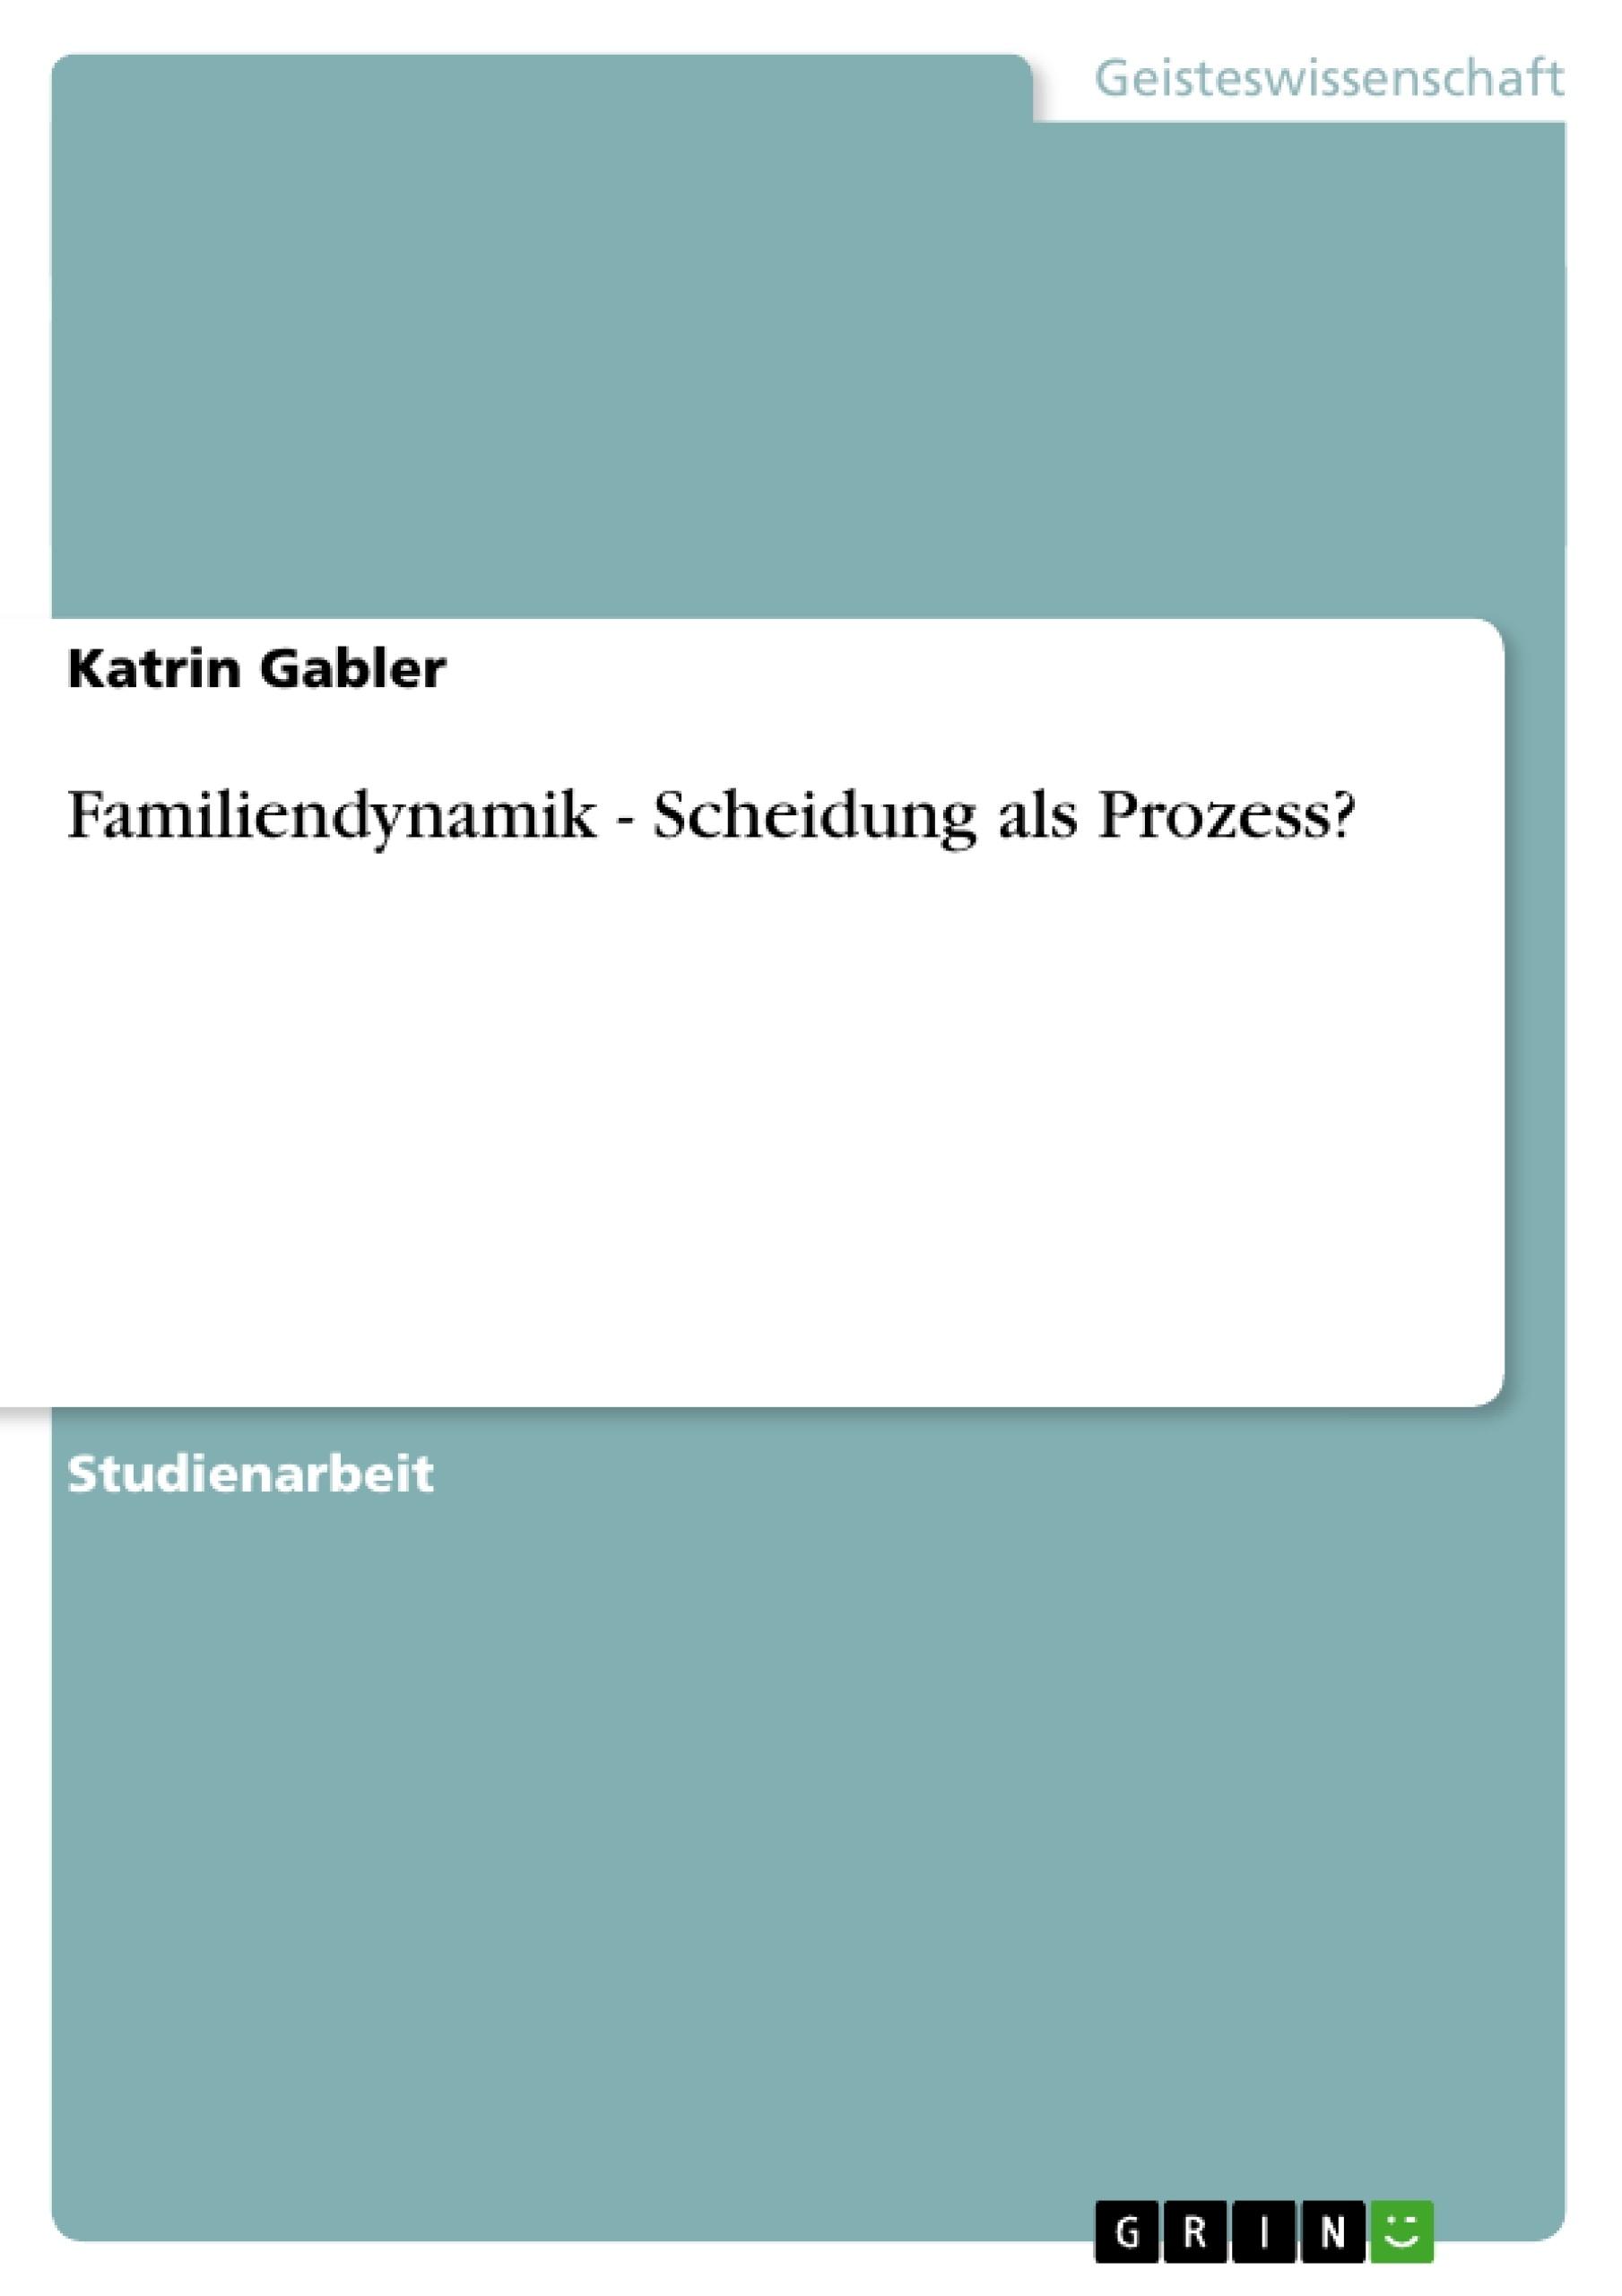 Titel: Familiendynamik - Scheidung als Prozess?